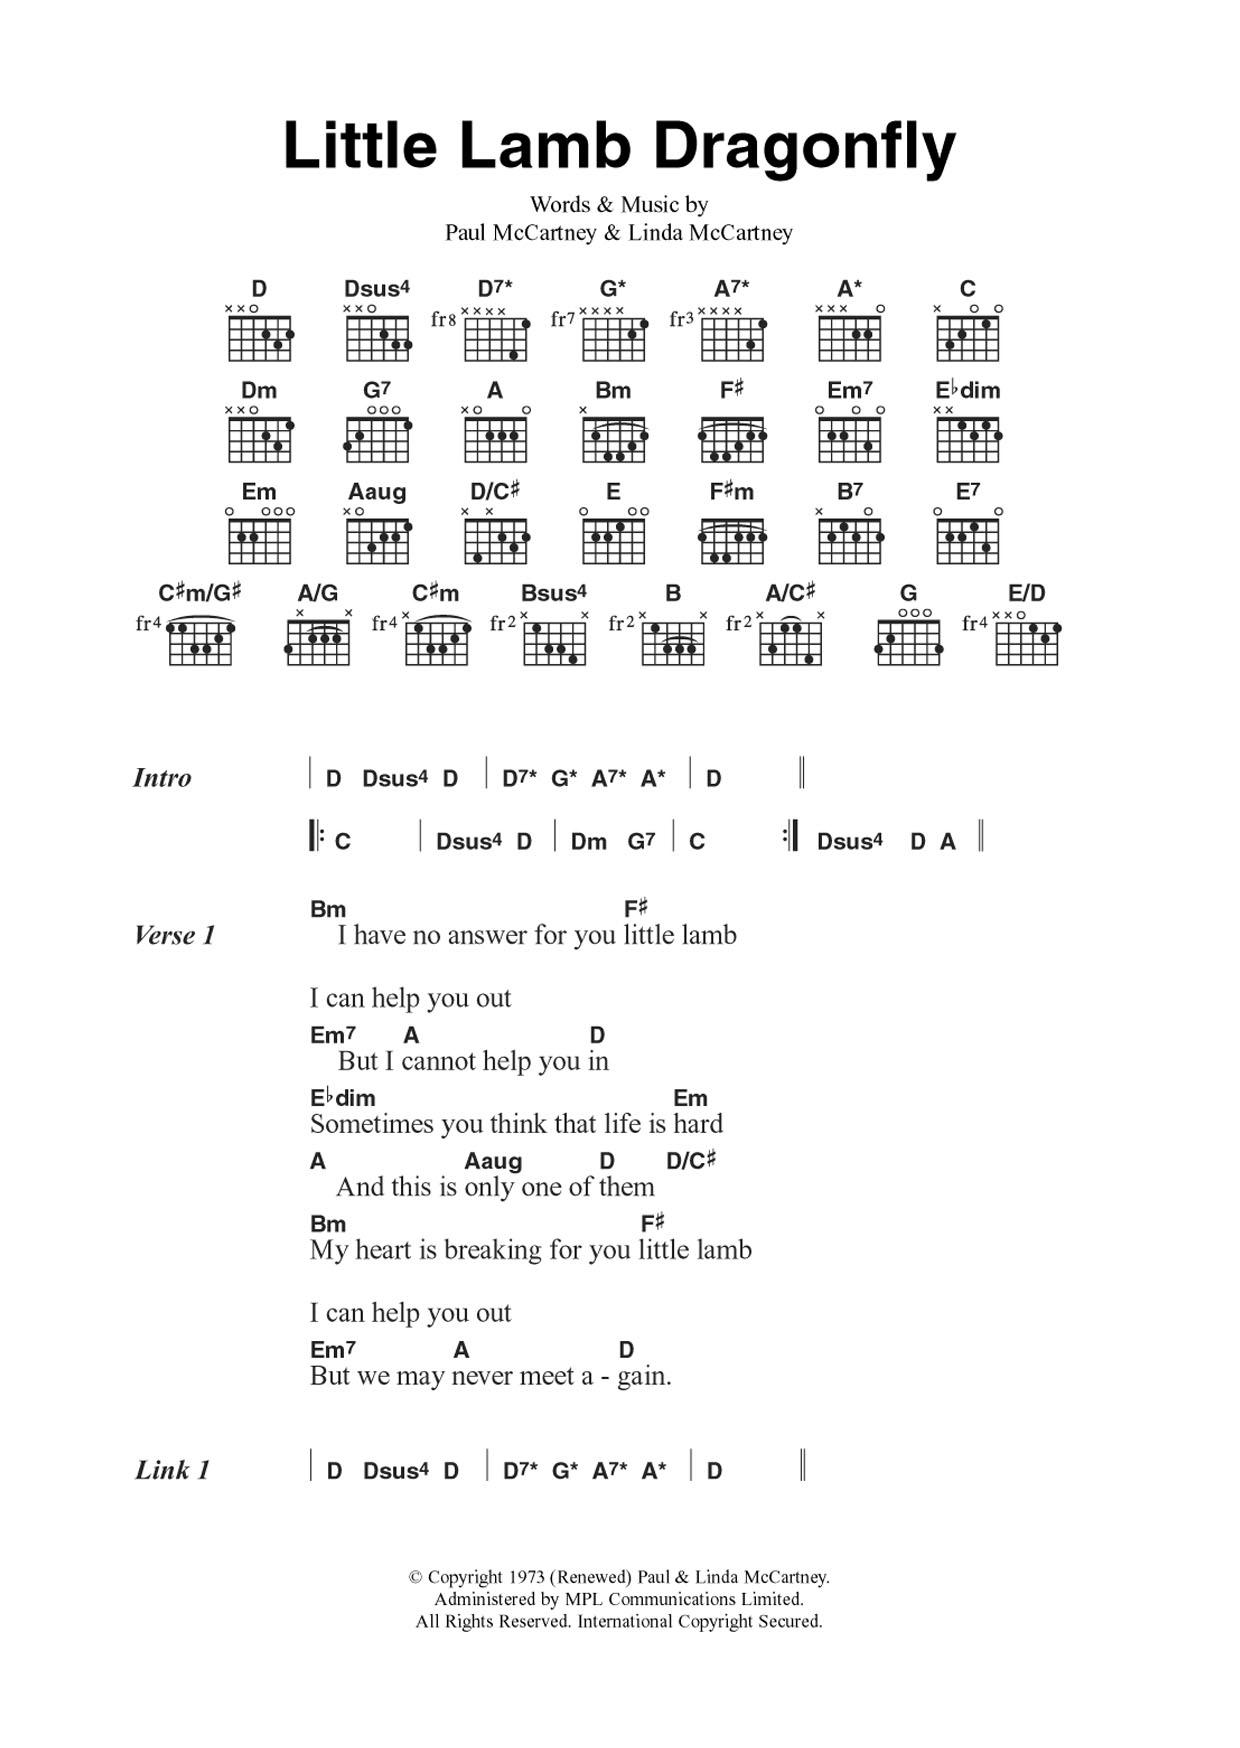 Little Lamb Dragonfly Sheet Music